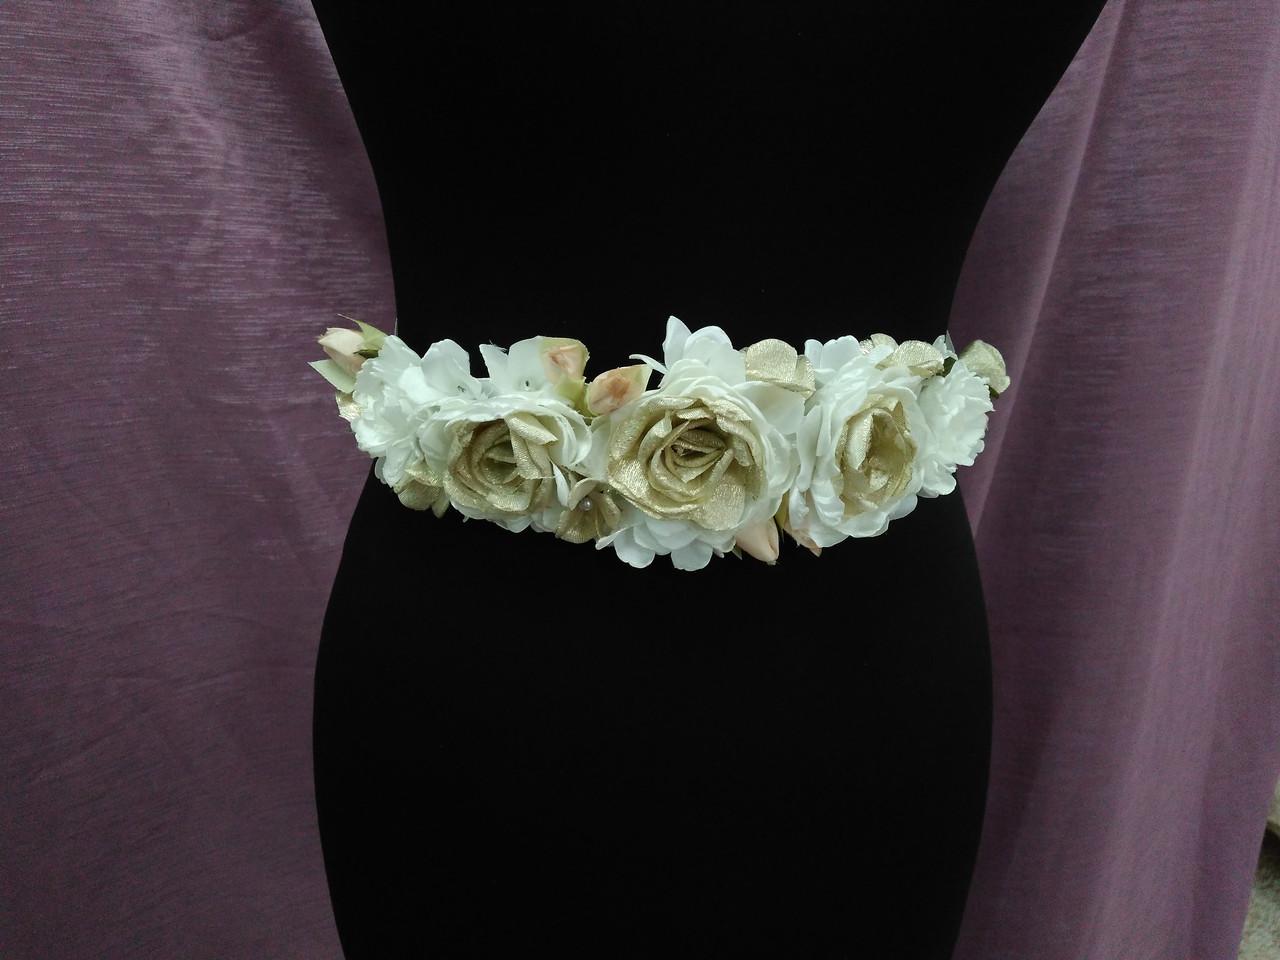 Пояс на стрічці з квітами з тканини золотий з молочним